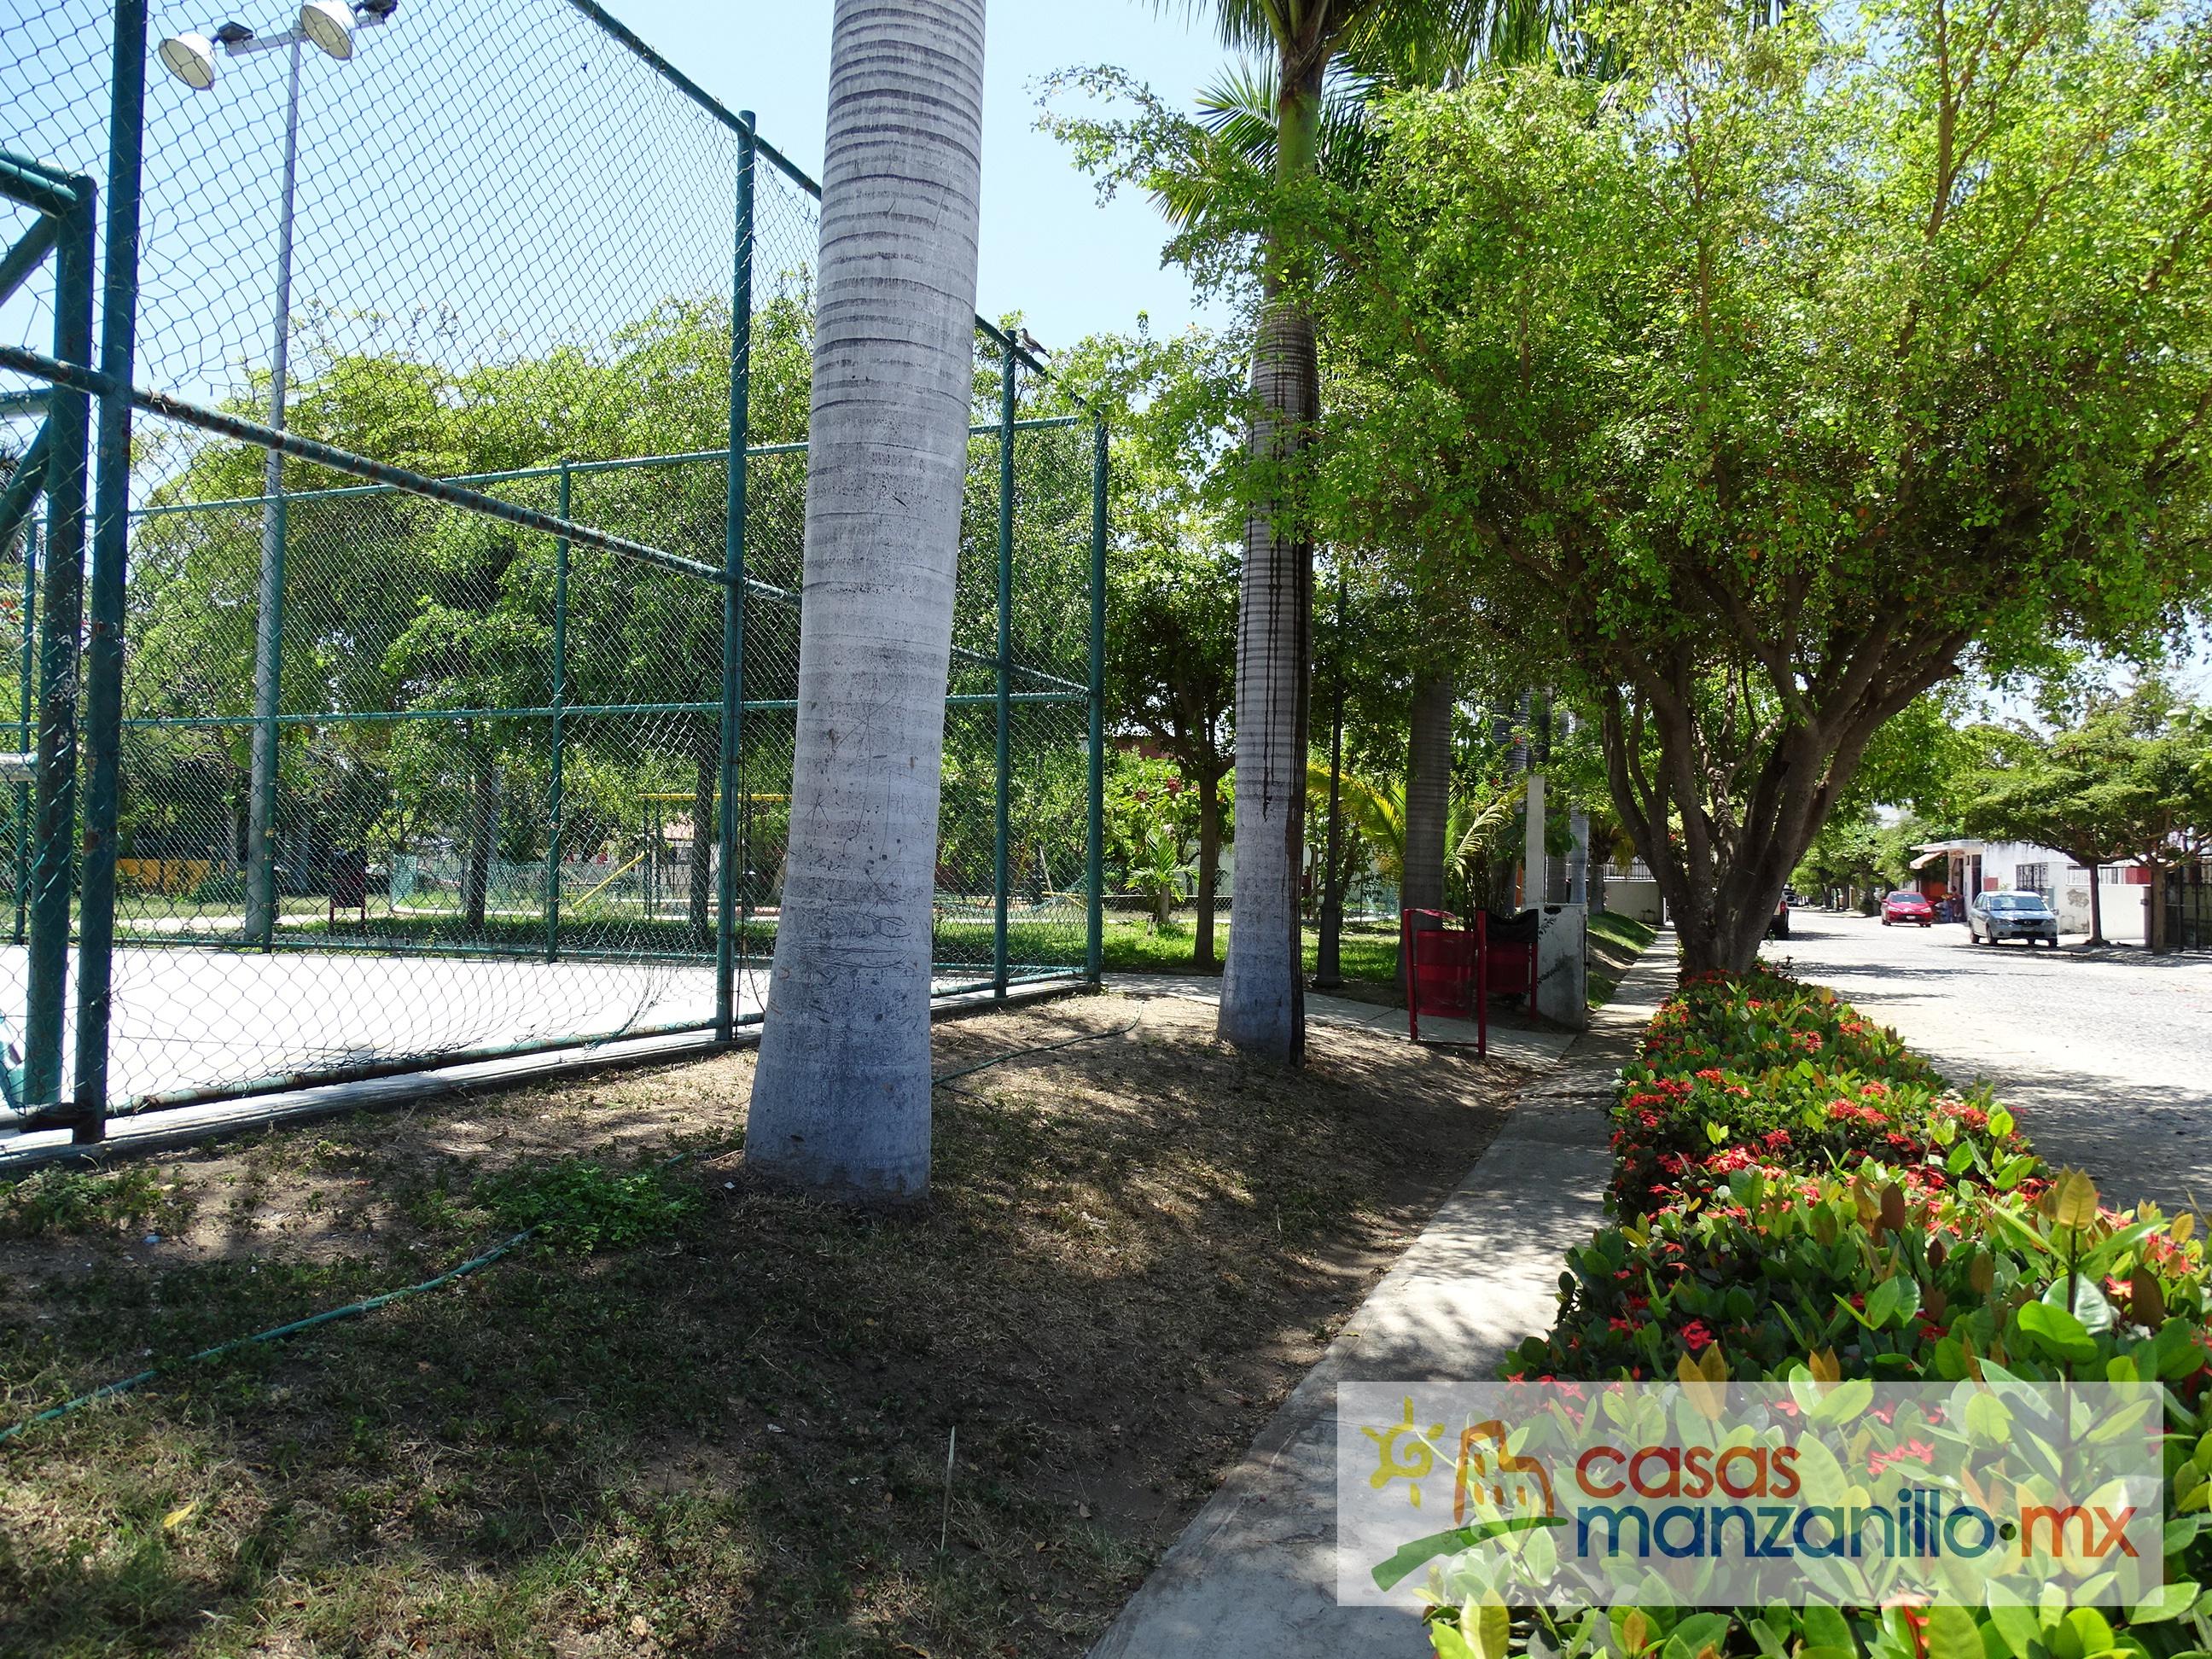 Casas VENTA Manzanillo - La Joya (61)